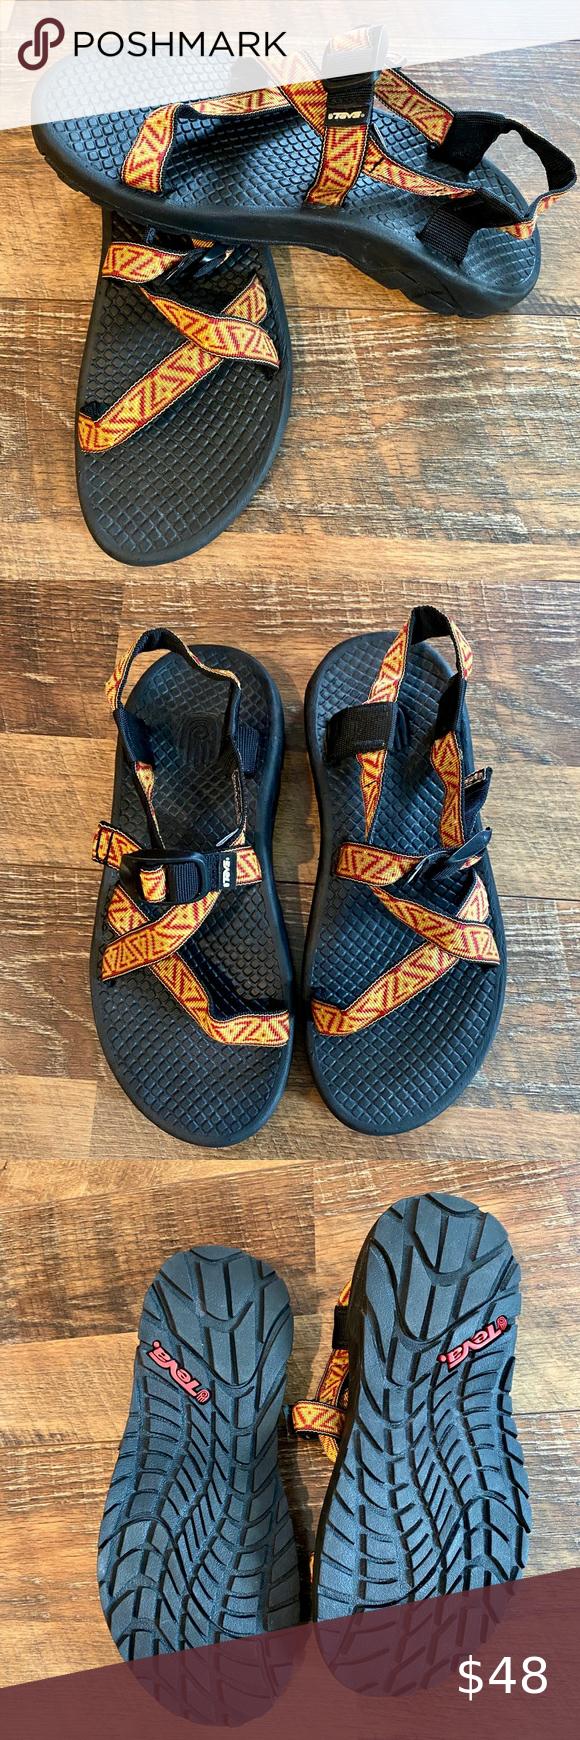 Teva Original Universal Sandals 6891 In 2020 Teva Shoes Women Shoes Teva